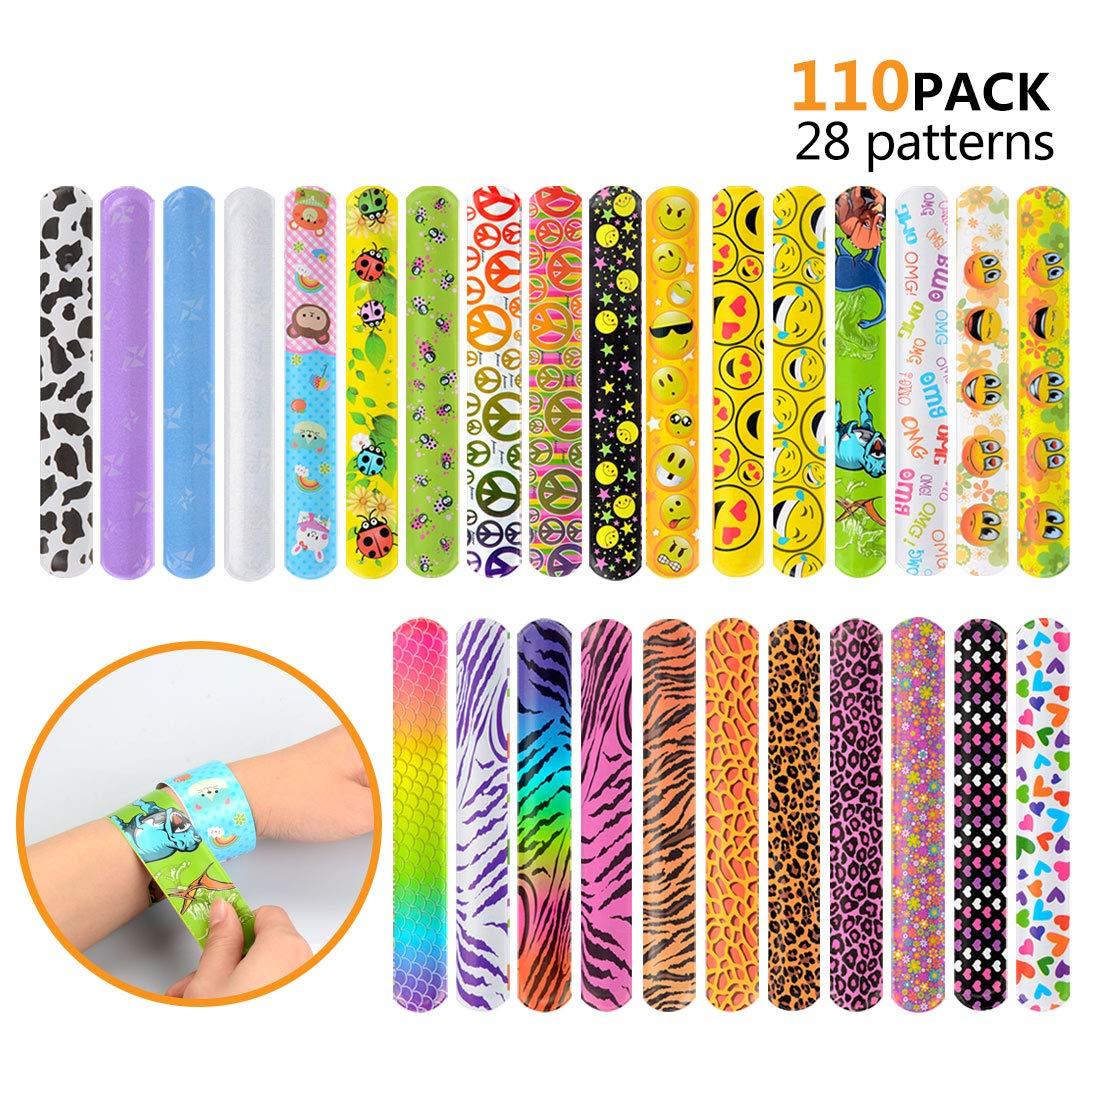 110 Pcs Slap Bracelets, Party Favors Slap Bracelet Pack with Colorful Different Patterns, 1.1 x 8.7 Inch by HappyHapi